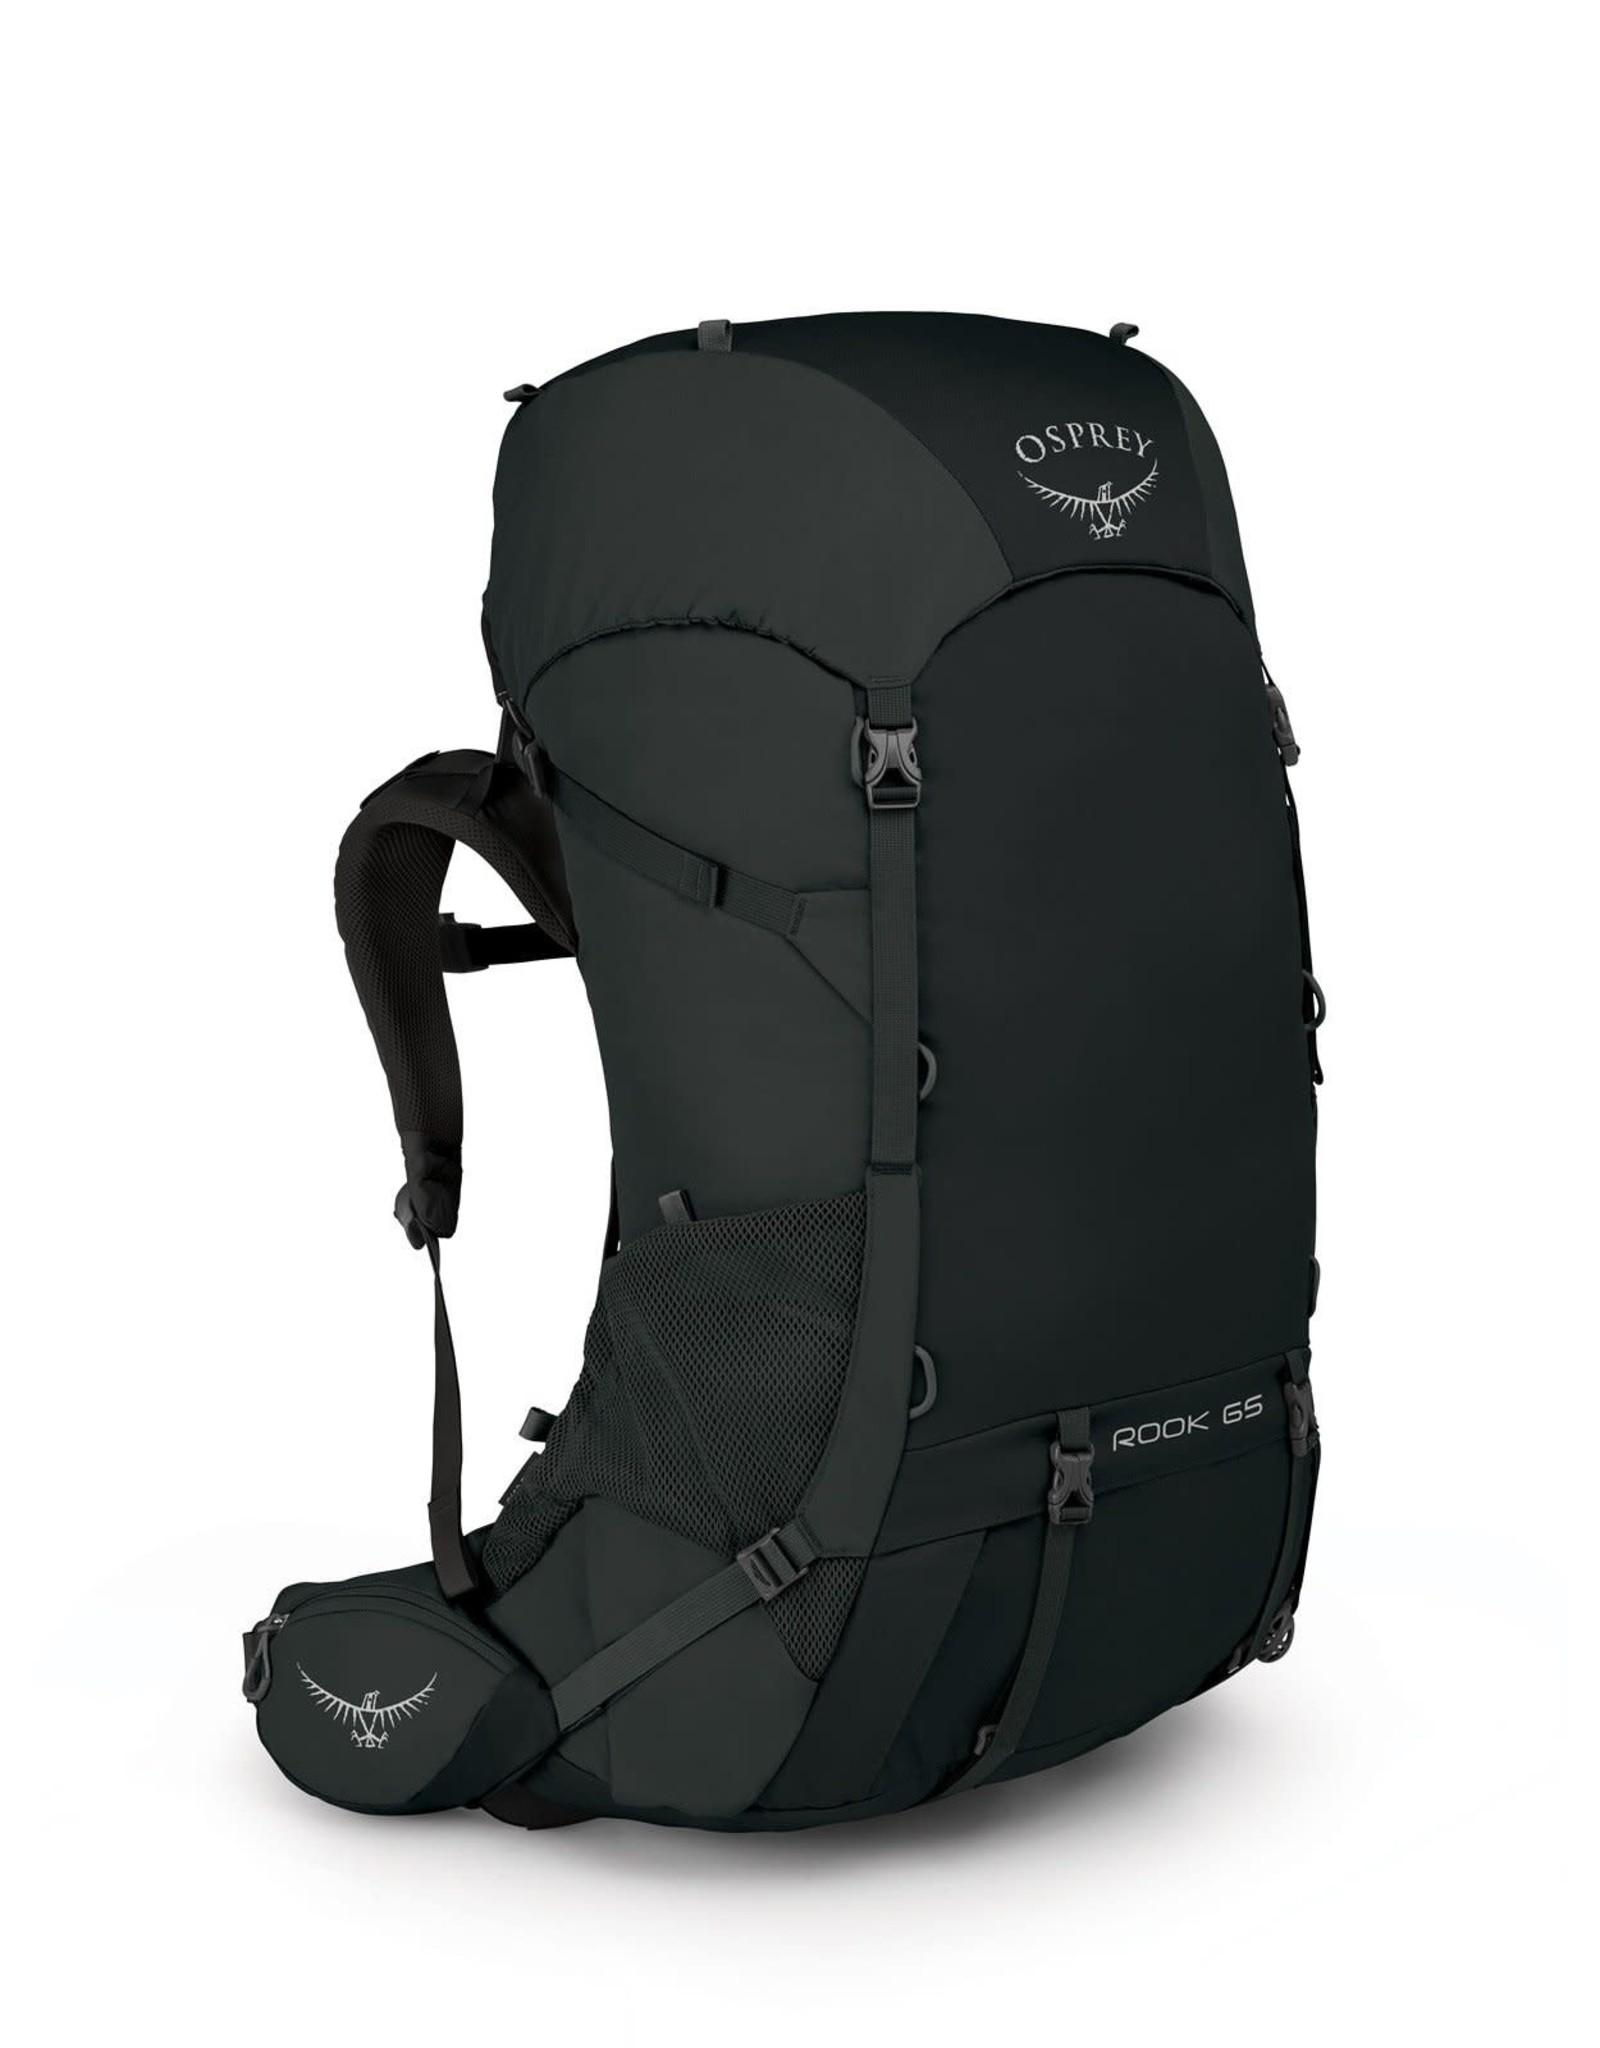 Osprey Osprey Rook 65 Men's Backpack Black